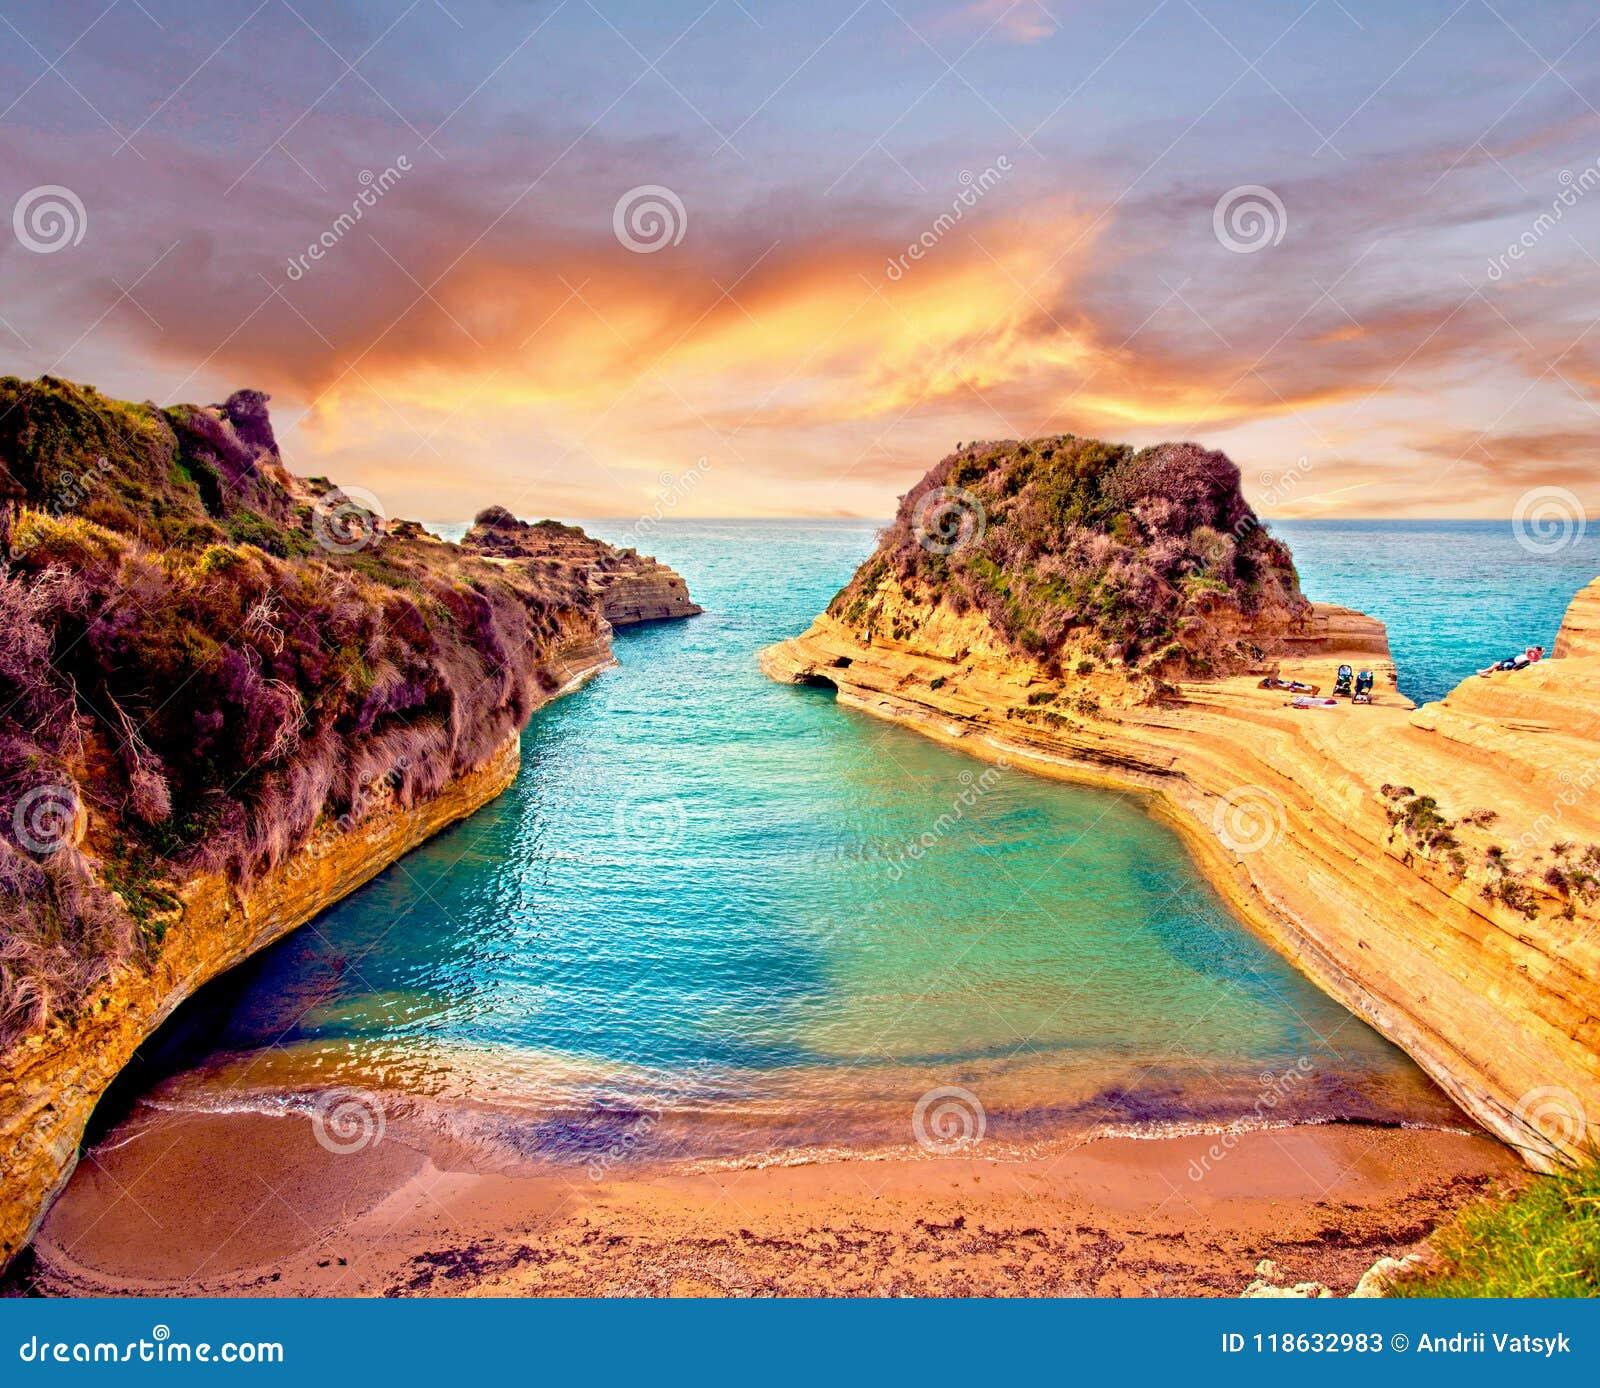 Schöne Landschaft mit Klippen populärem Kanal von Liebes-Kanal d ` Liebe auf der Insel von Korfu, Griechenland bei Sonnenaufgang